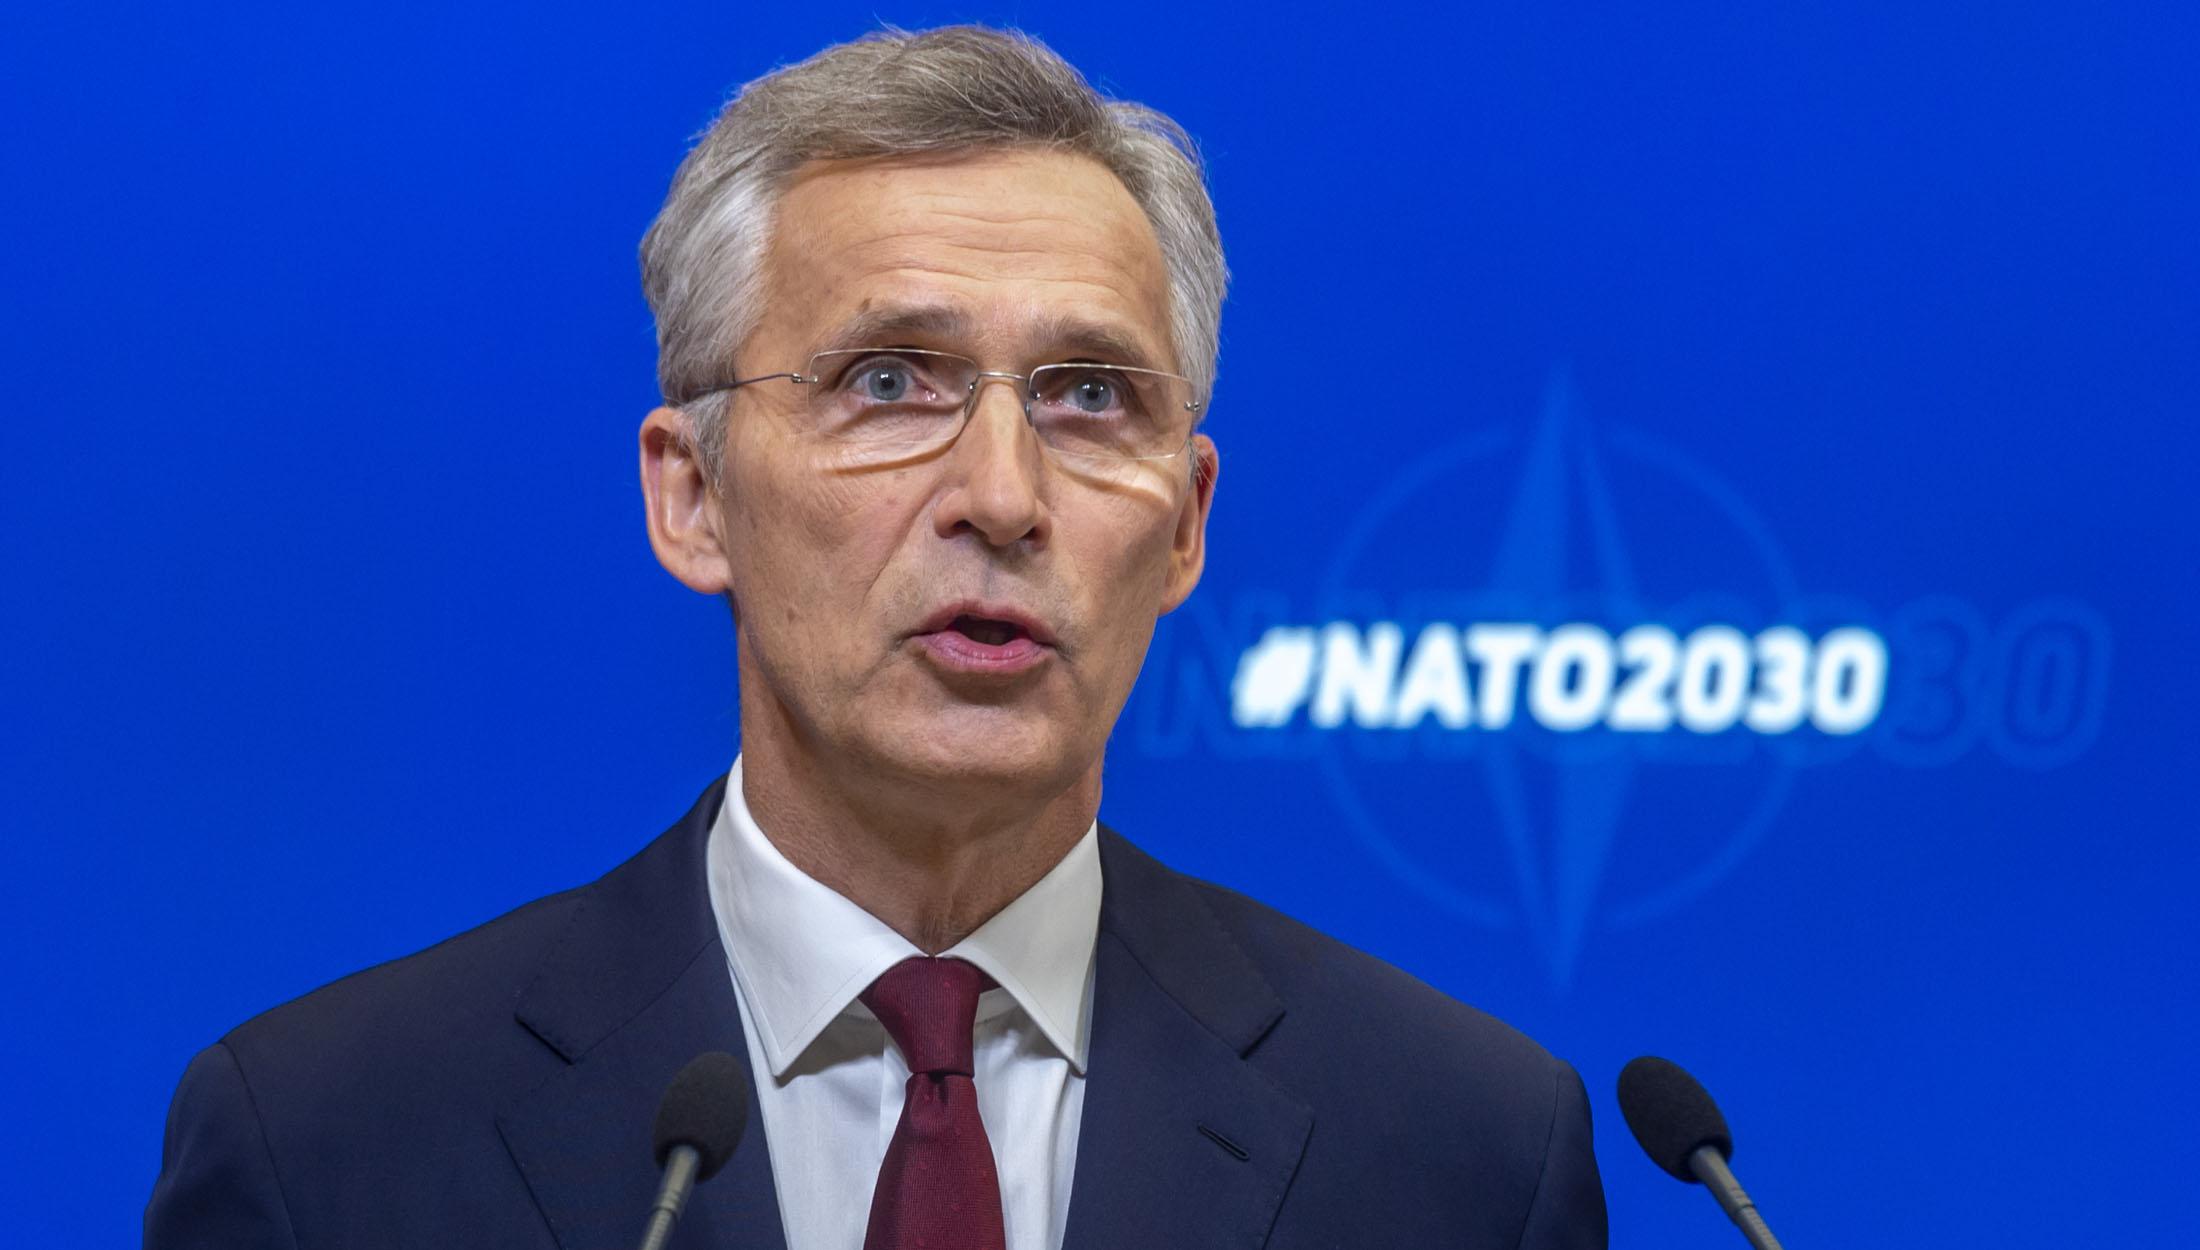 NATO Secretary General launches NATO 2030